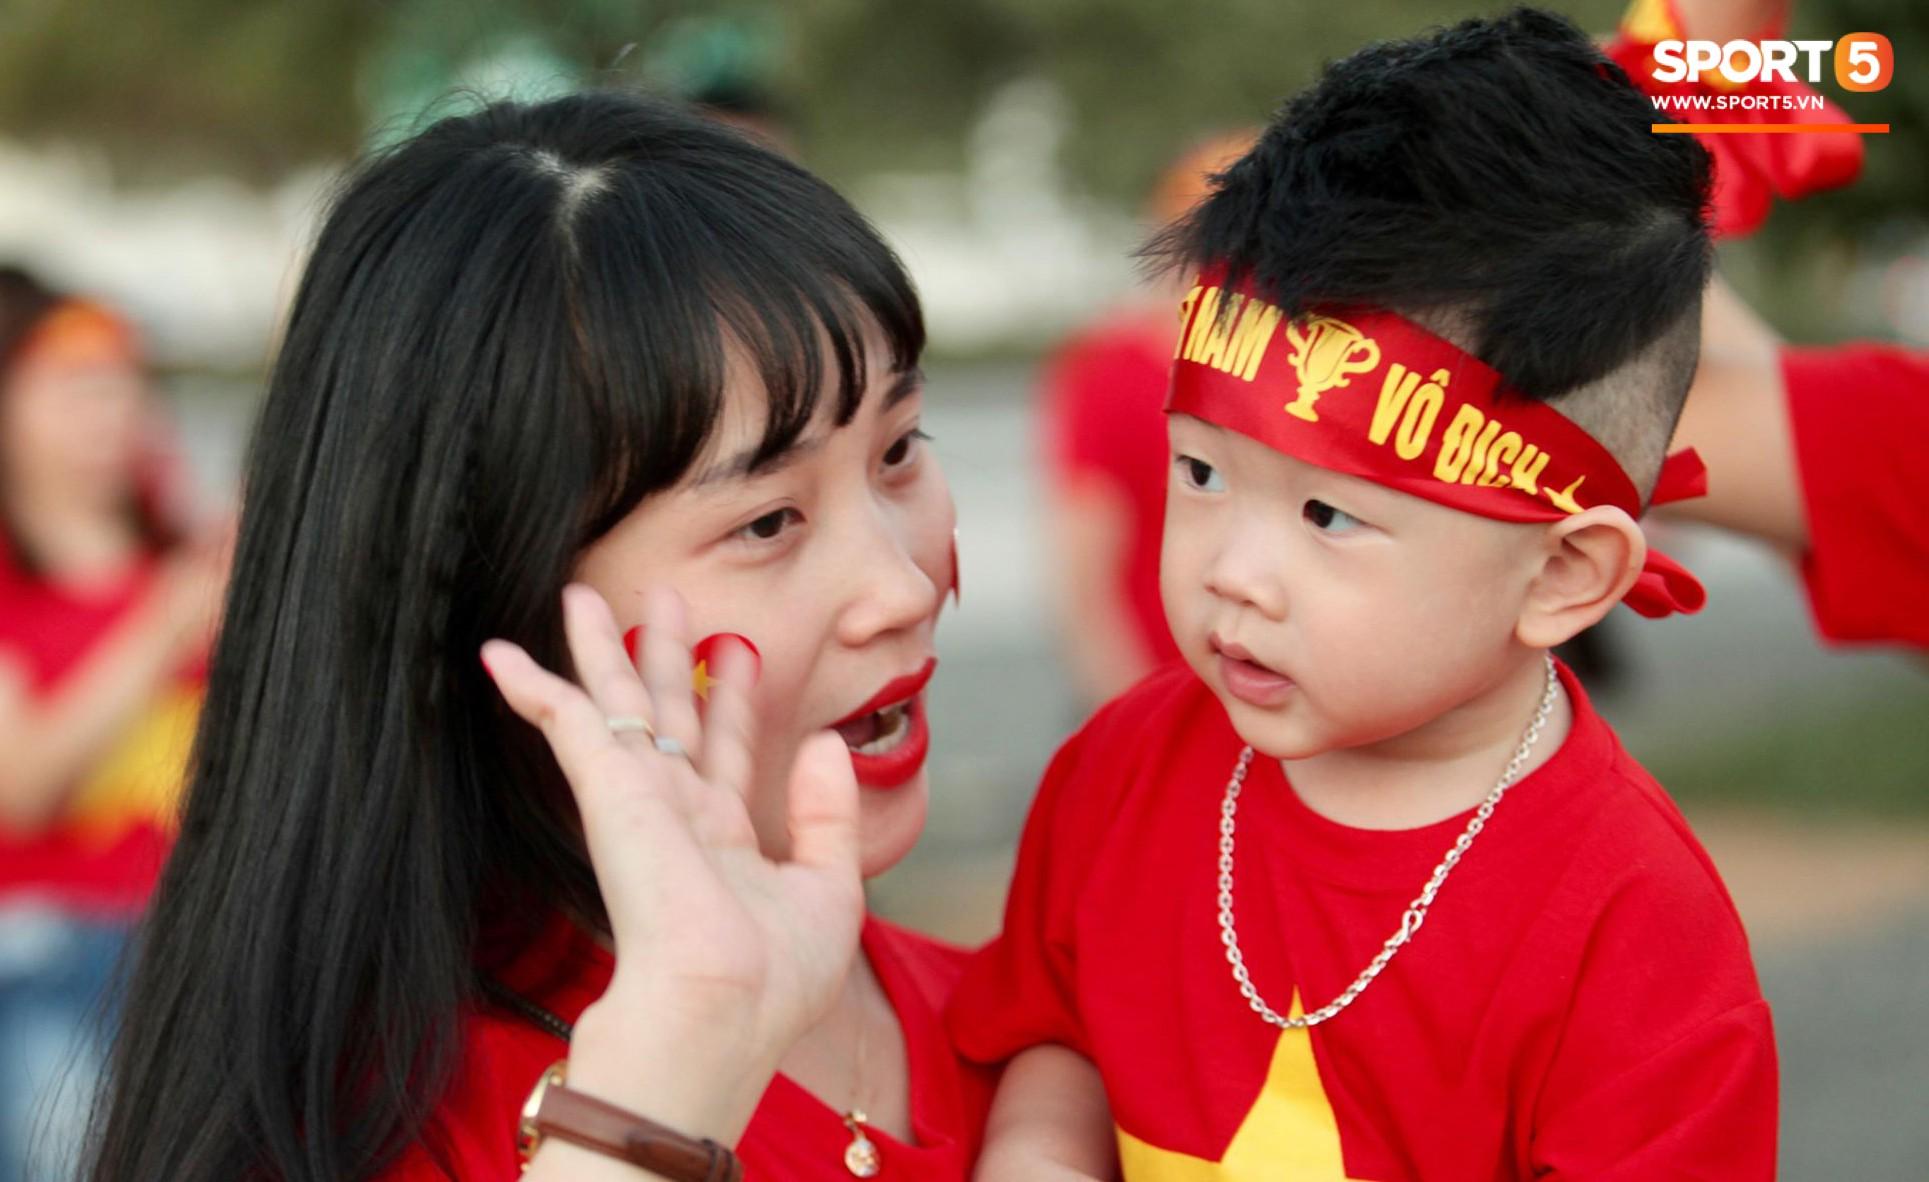 Cổ động viên Sài Gòn tiếp lửa cho đội tuyển Việt Nam lúc nửa đêm-7